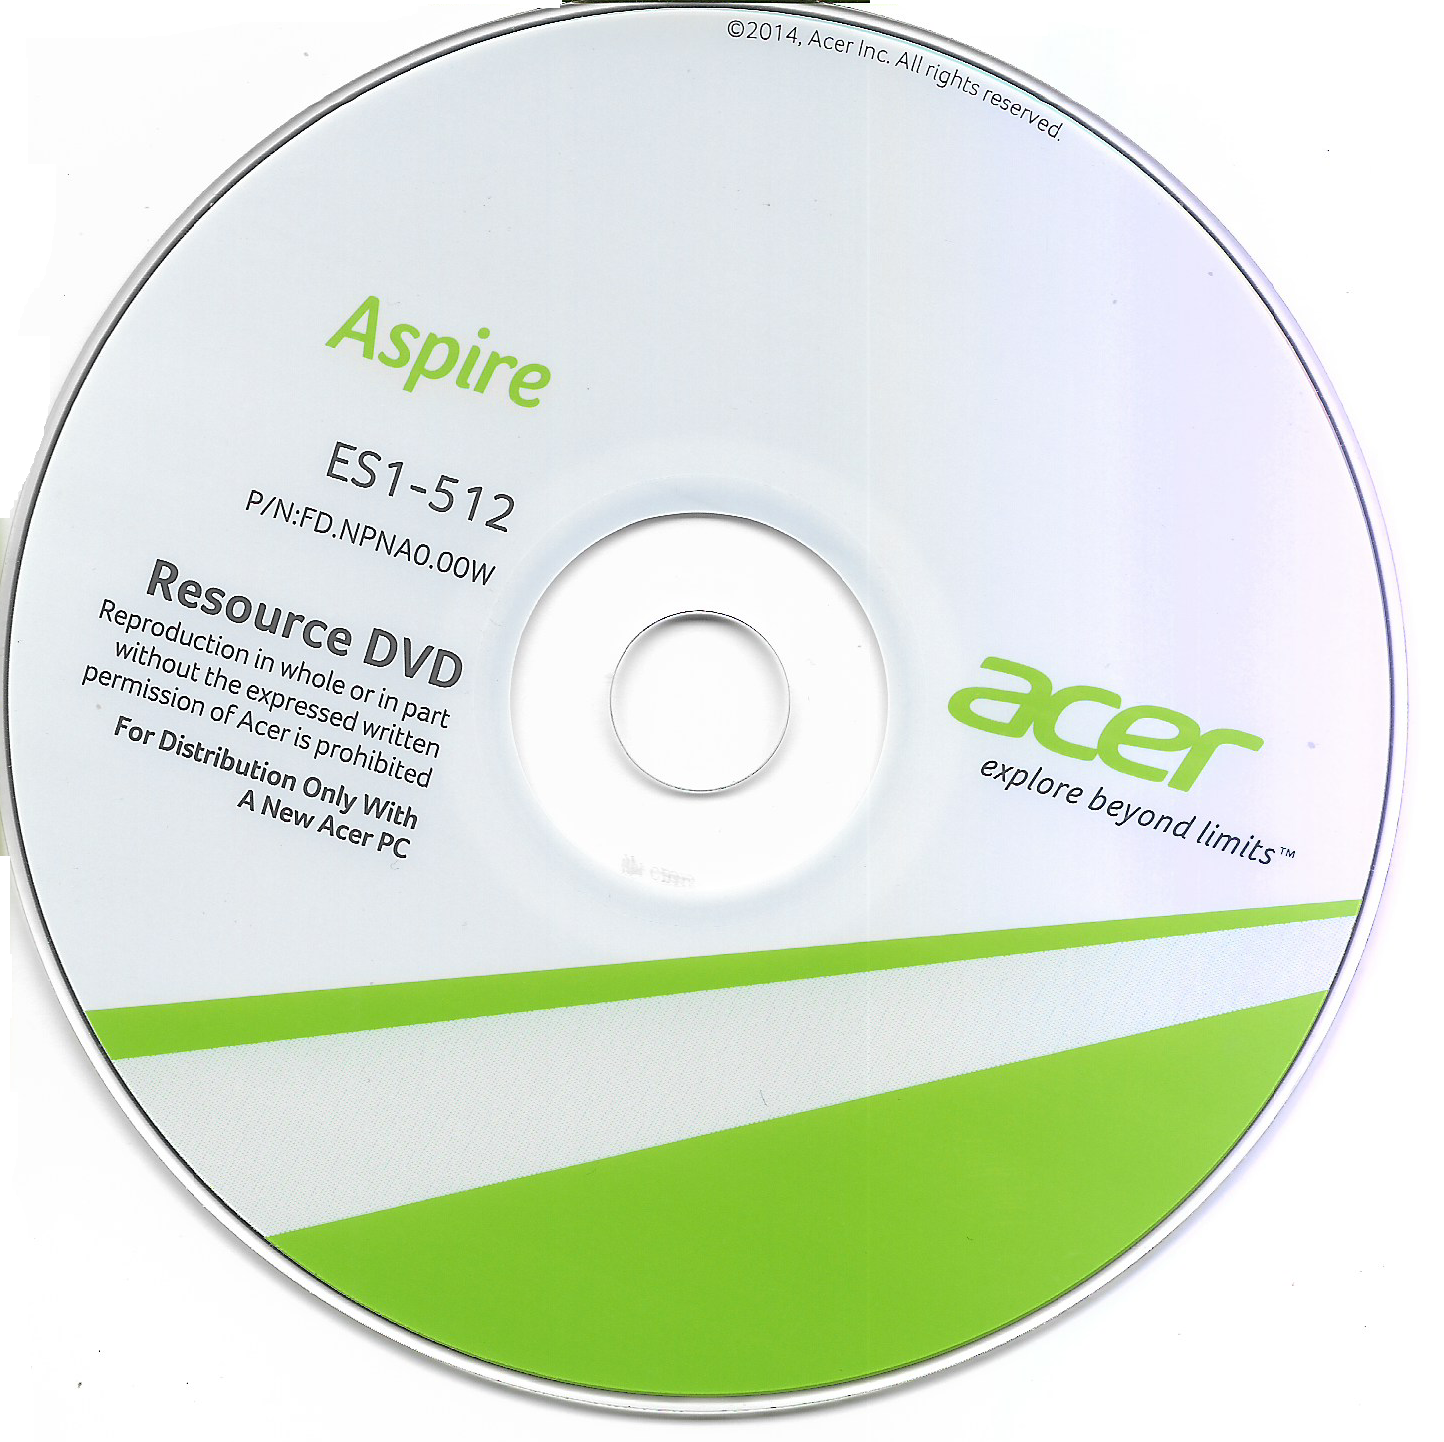 Acer Aspire ES1-512 Resource DVD